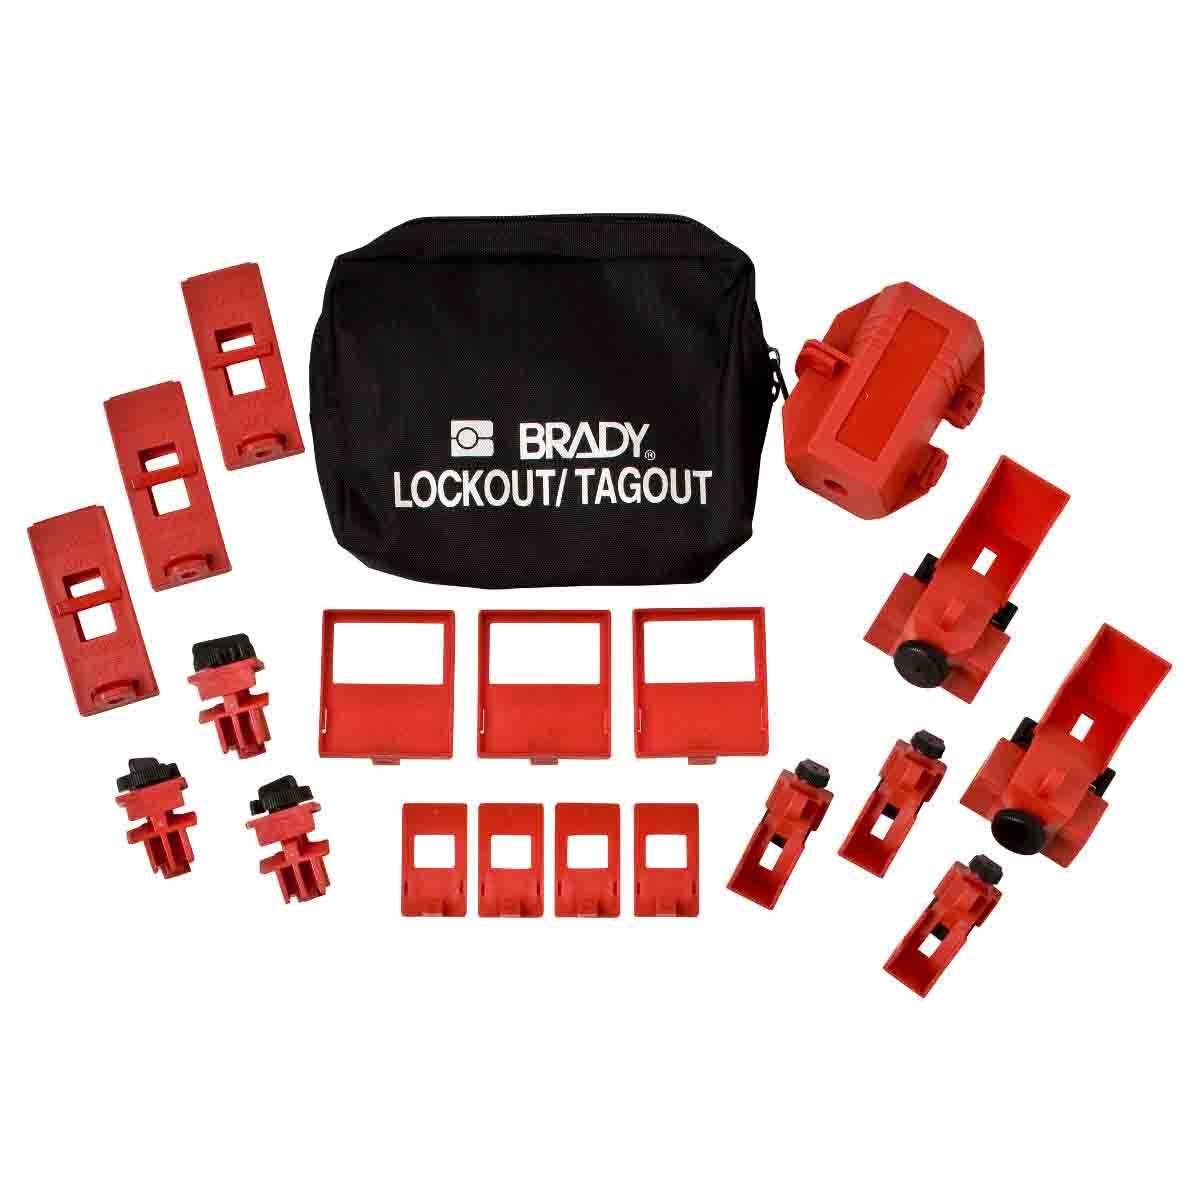 BRADY 65405 Breaker Lockout PouchKit